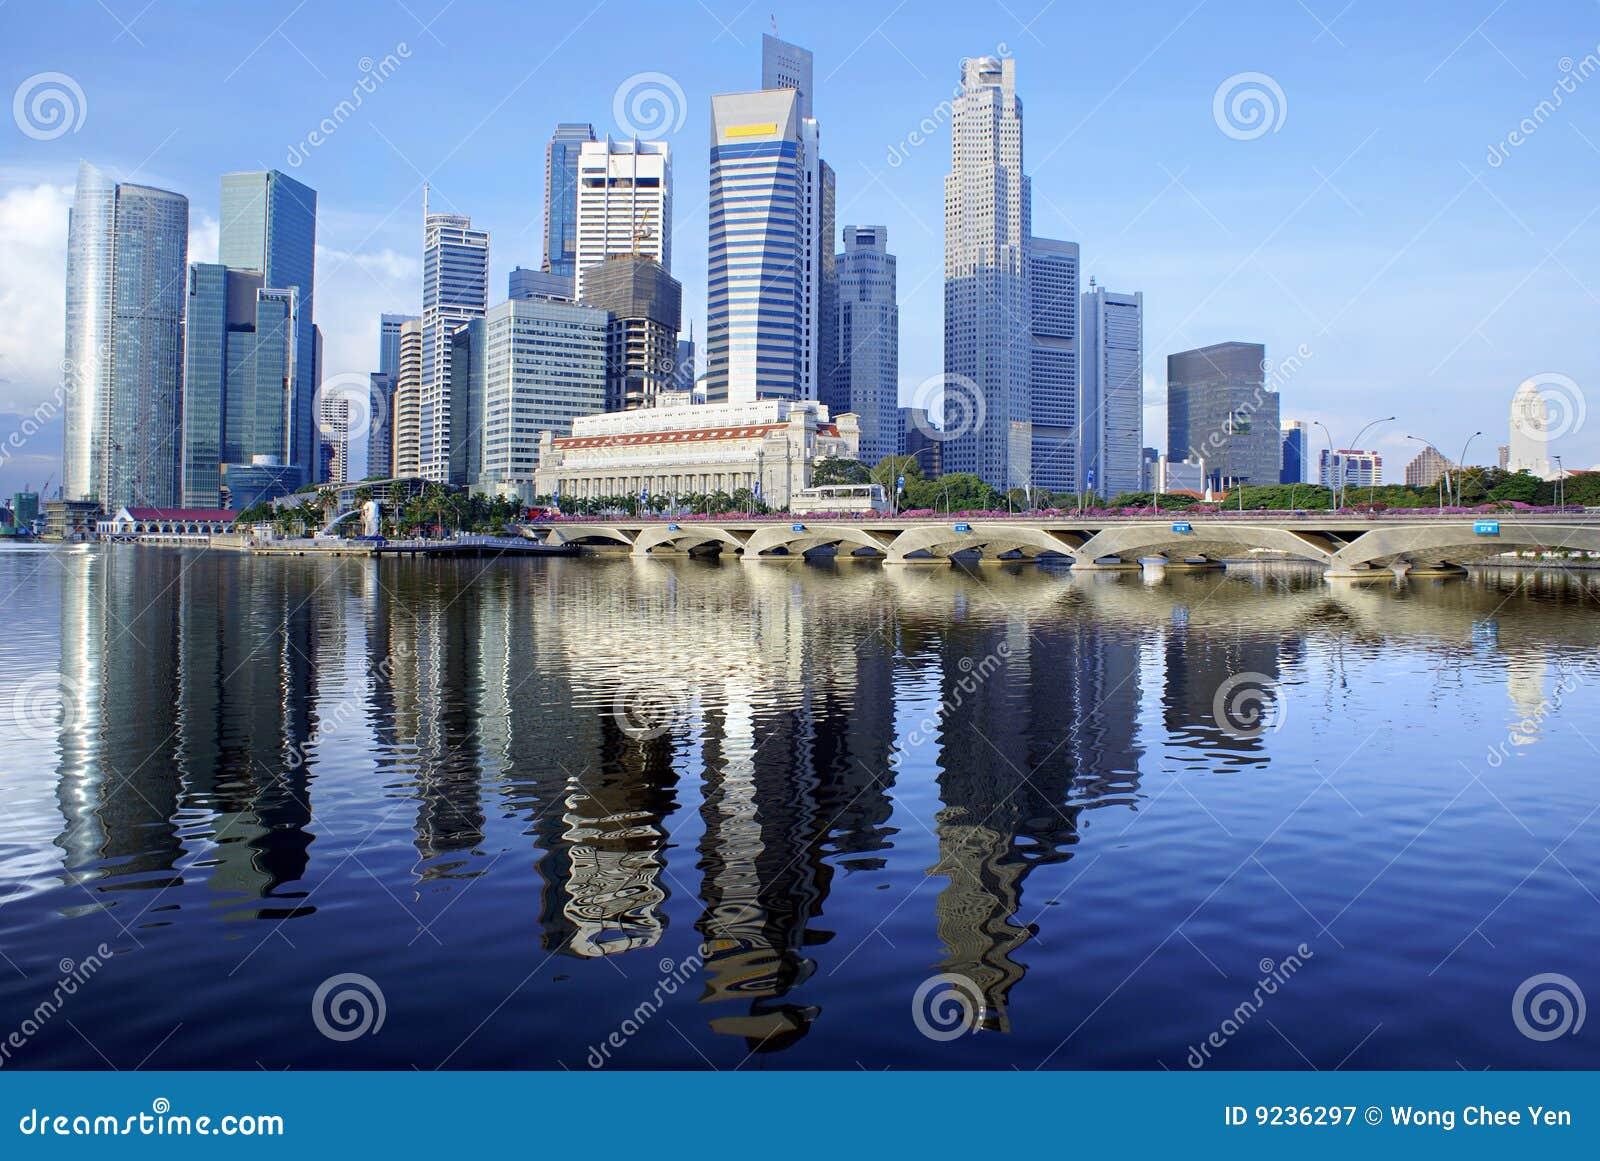 Bord de mer de singapour de ville image stock image 9236297 - Ville bord de mer mediterranee ...